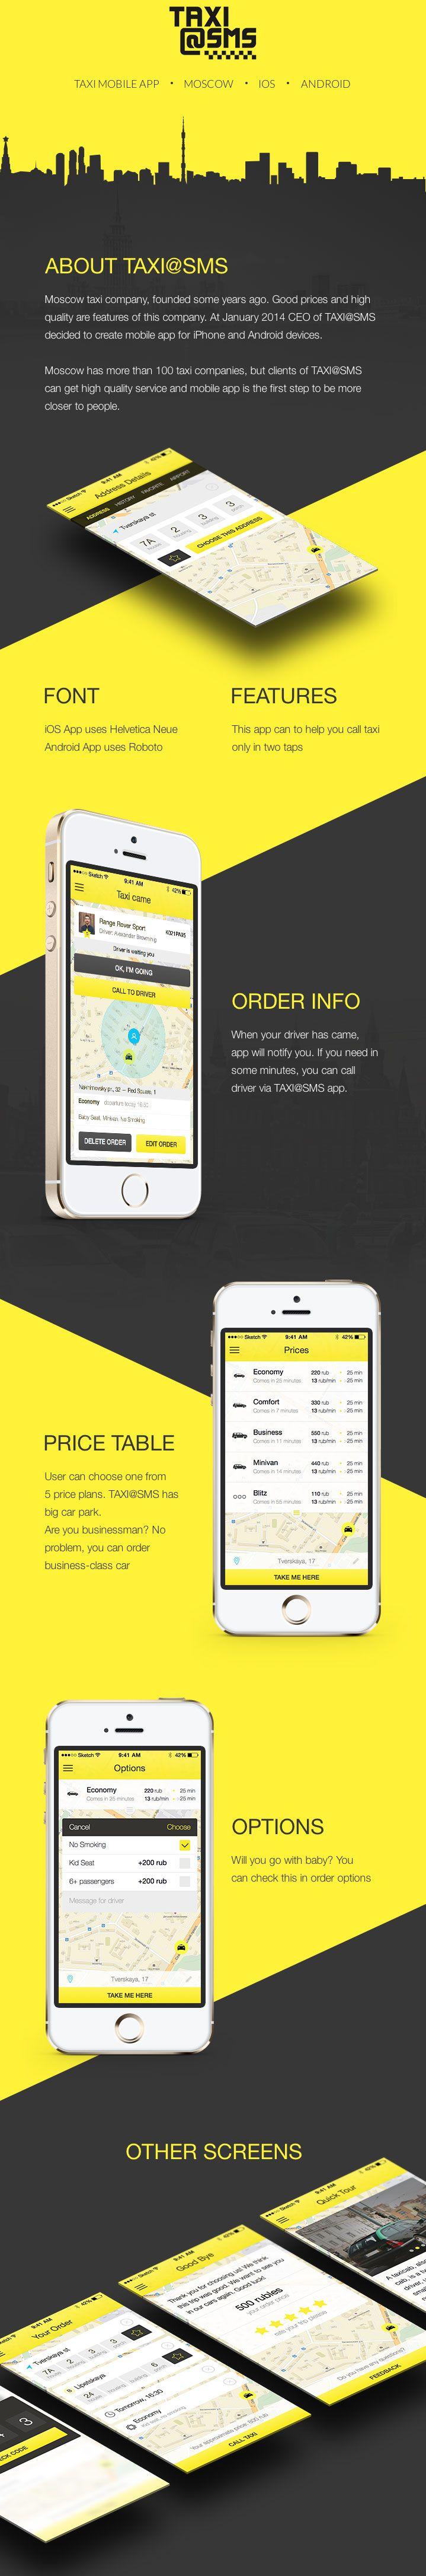 TaxiSMS App taxi geolocalisation app order  ios ios7 iphone